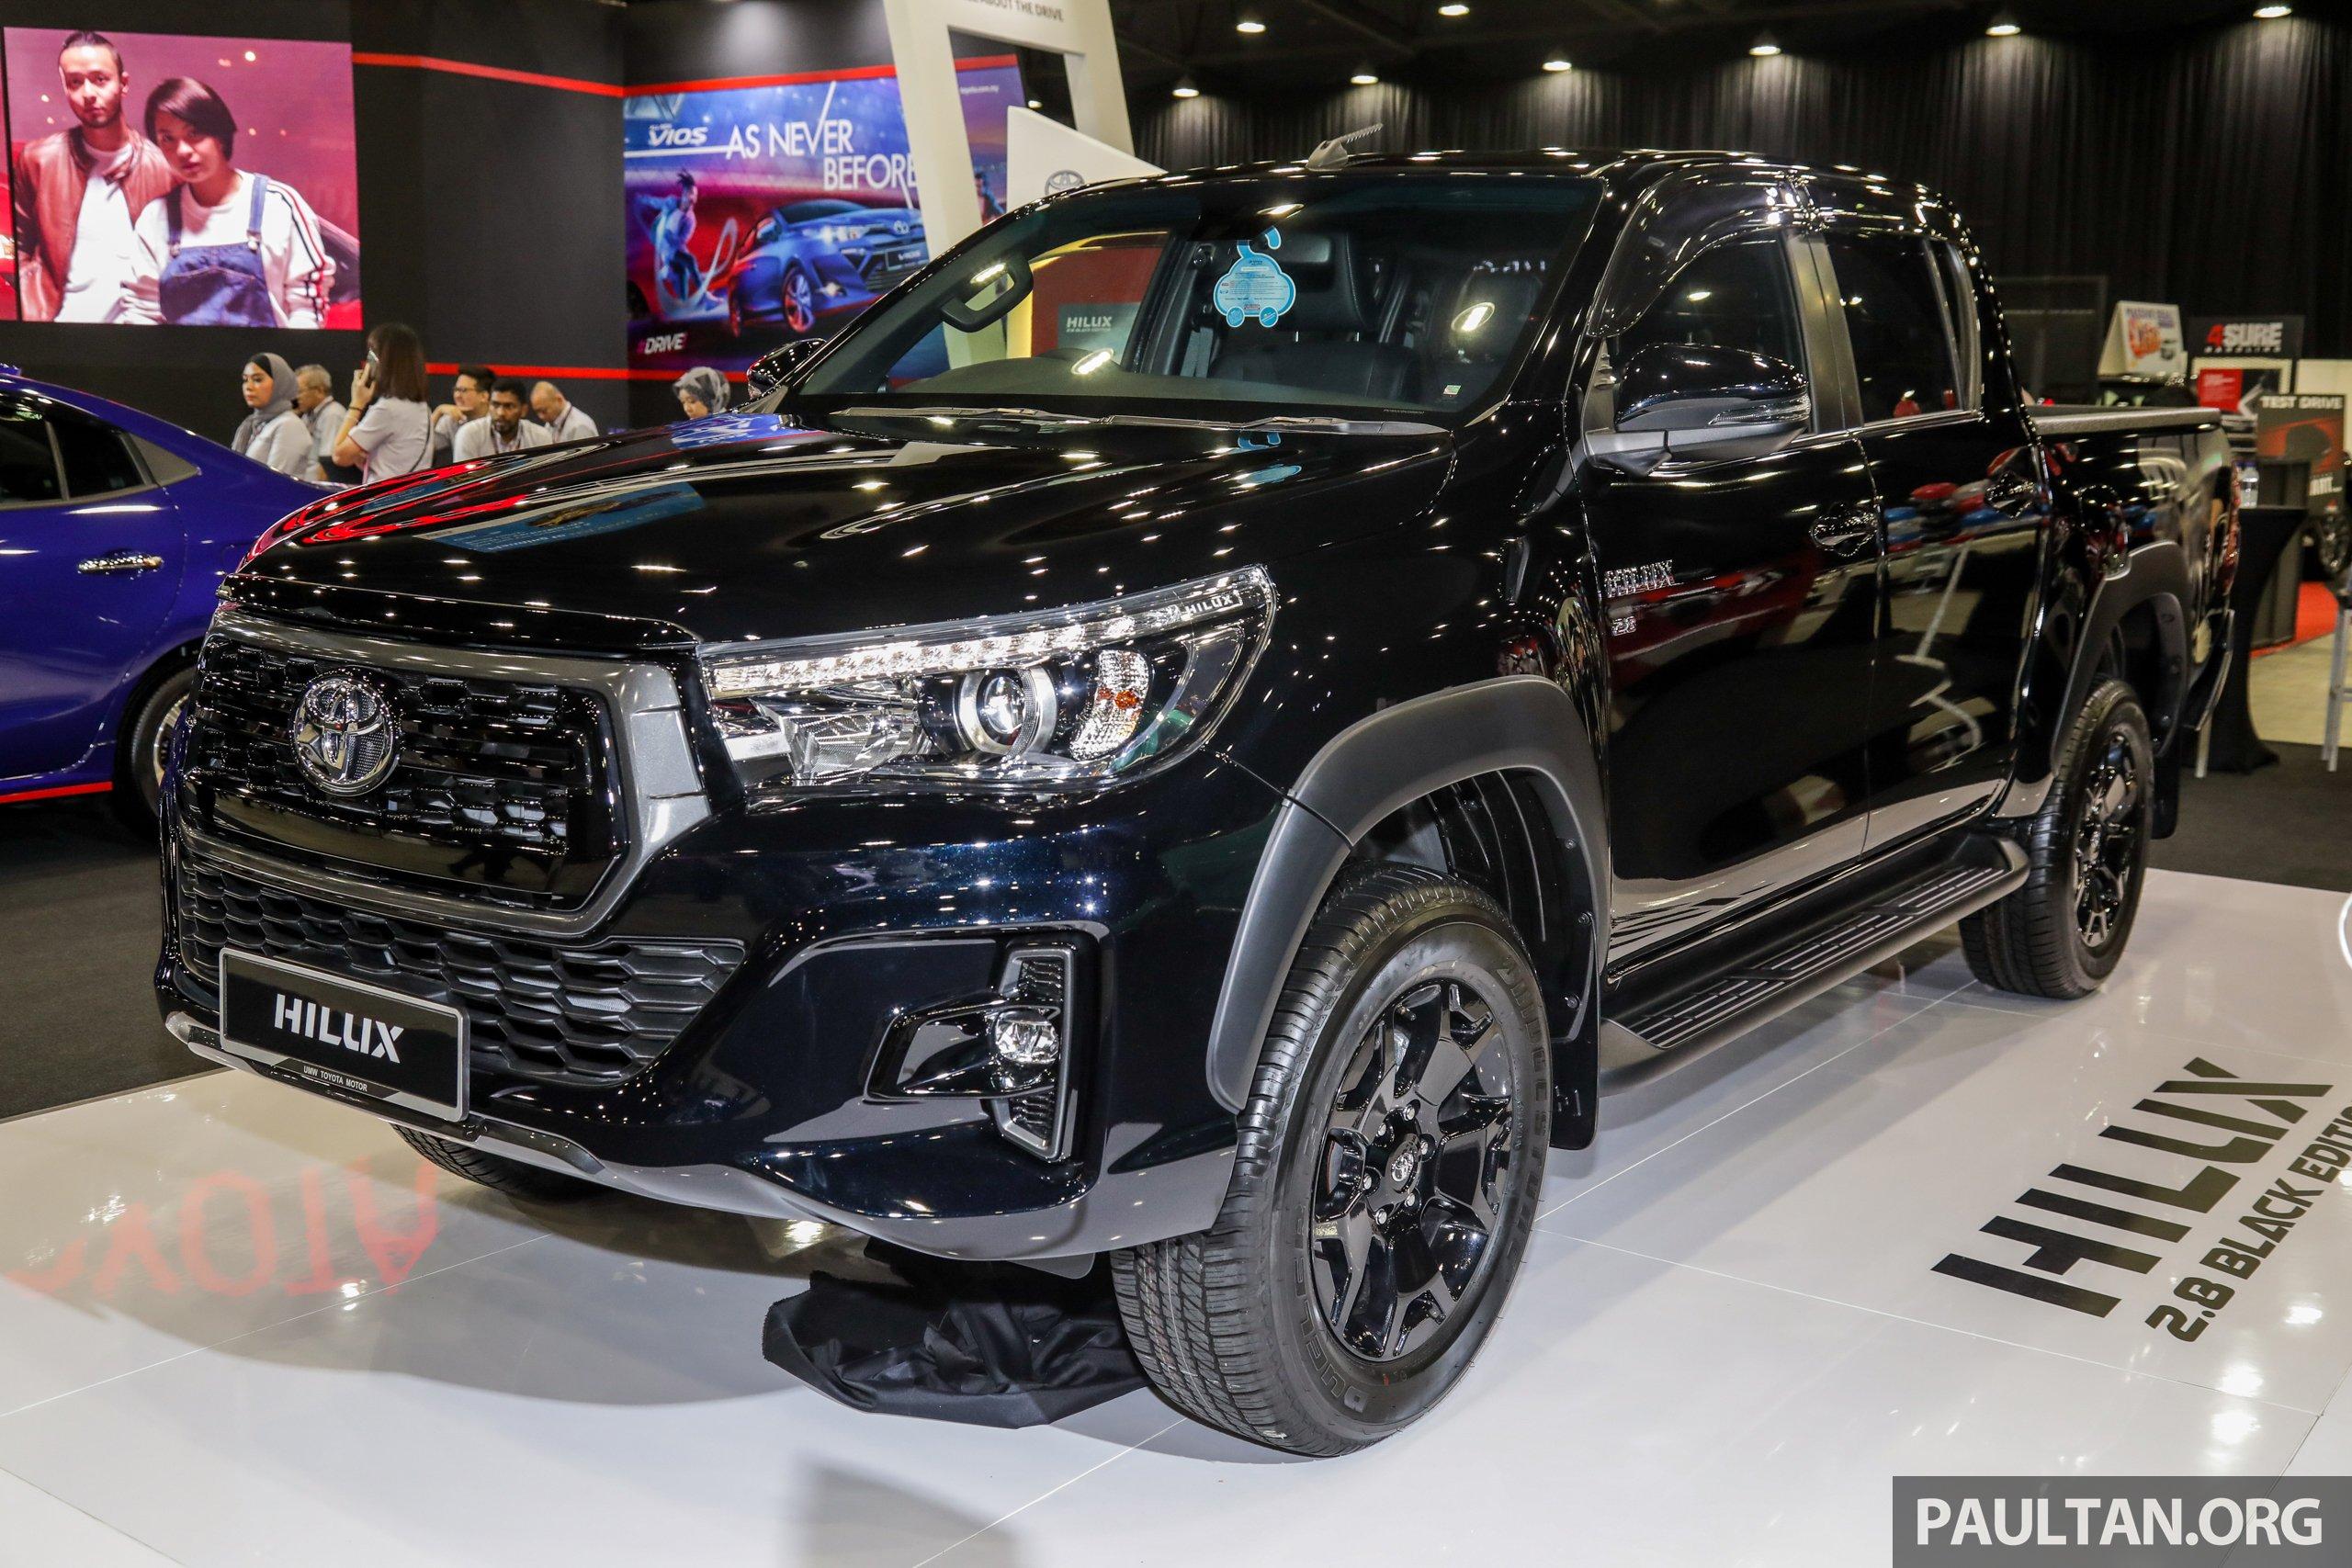 Kelebihan Kekurangan Harga Toyota Hilux 2019 Murah Berkualitas